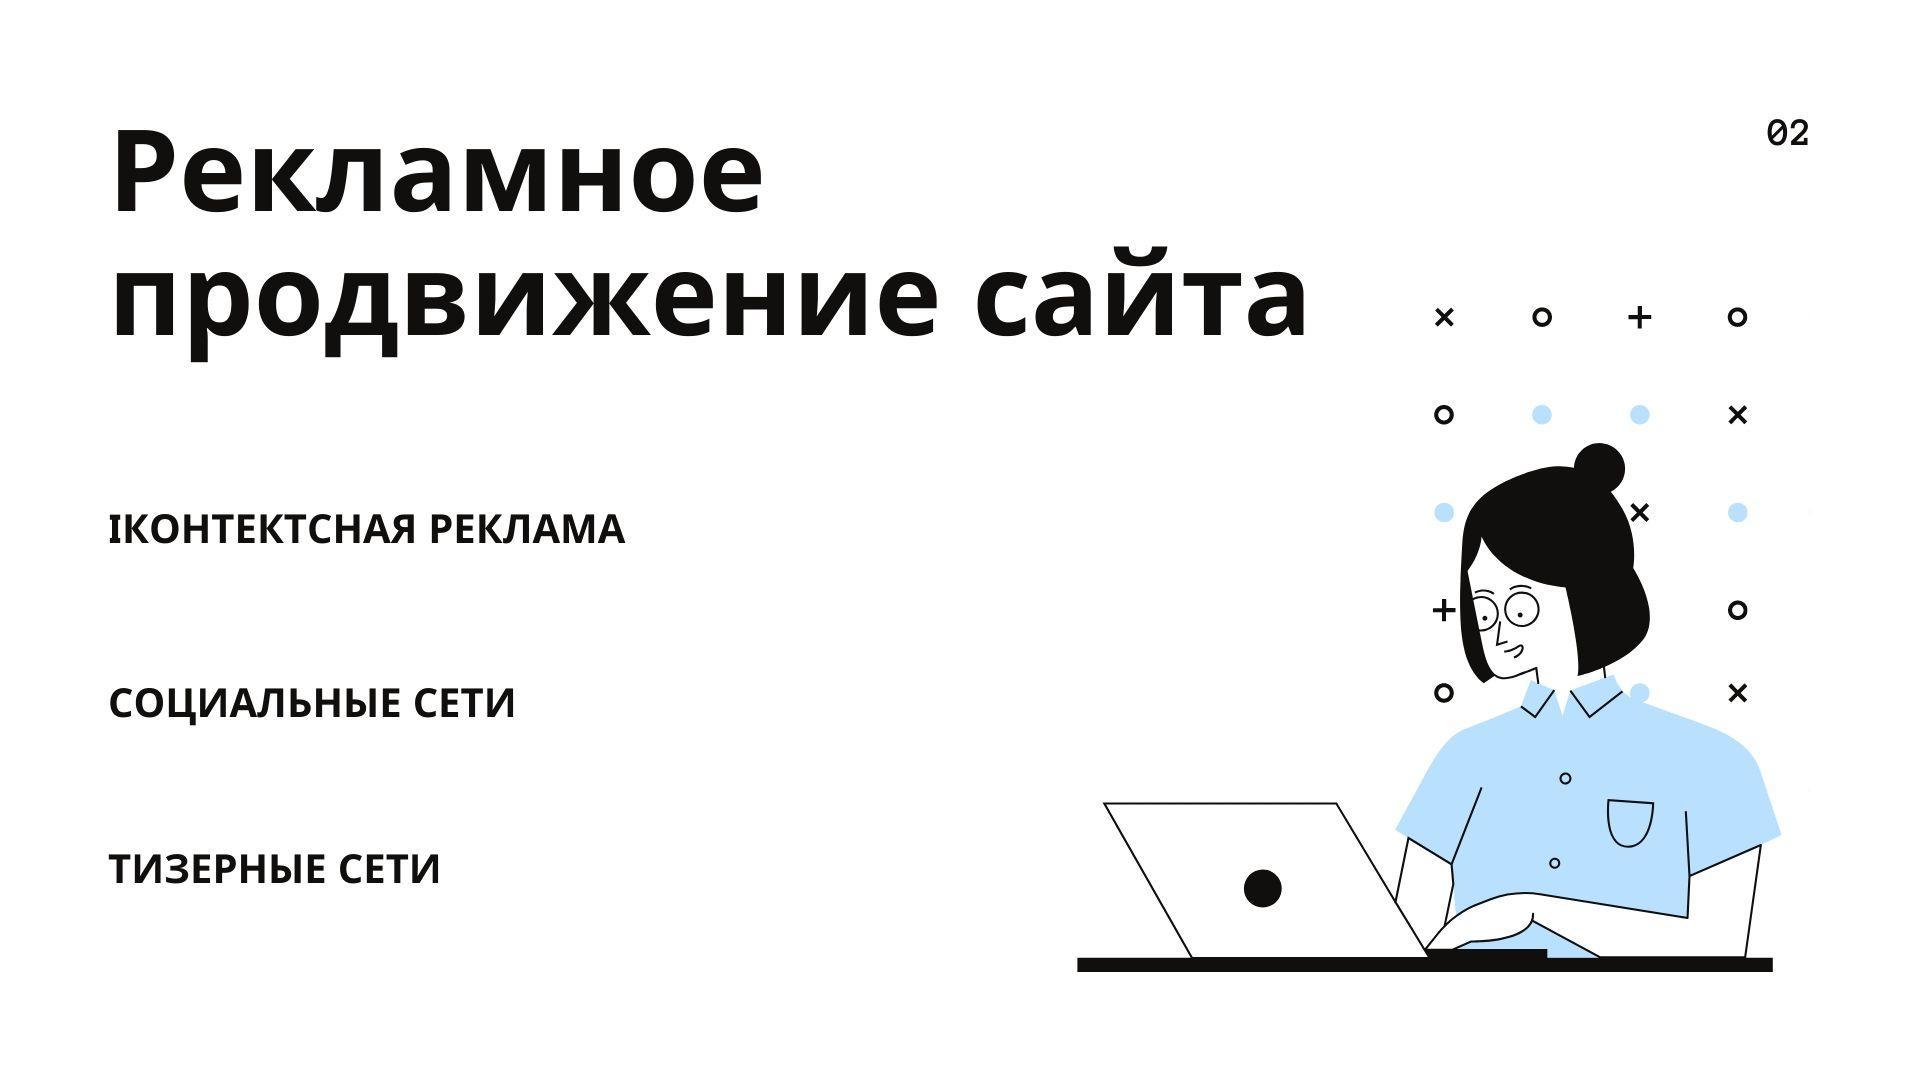 Рекламное продвижение сайта